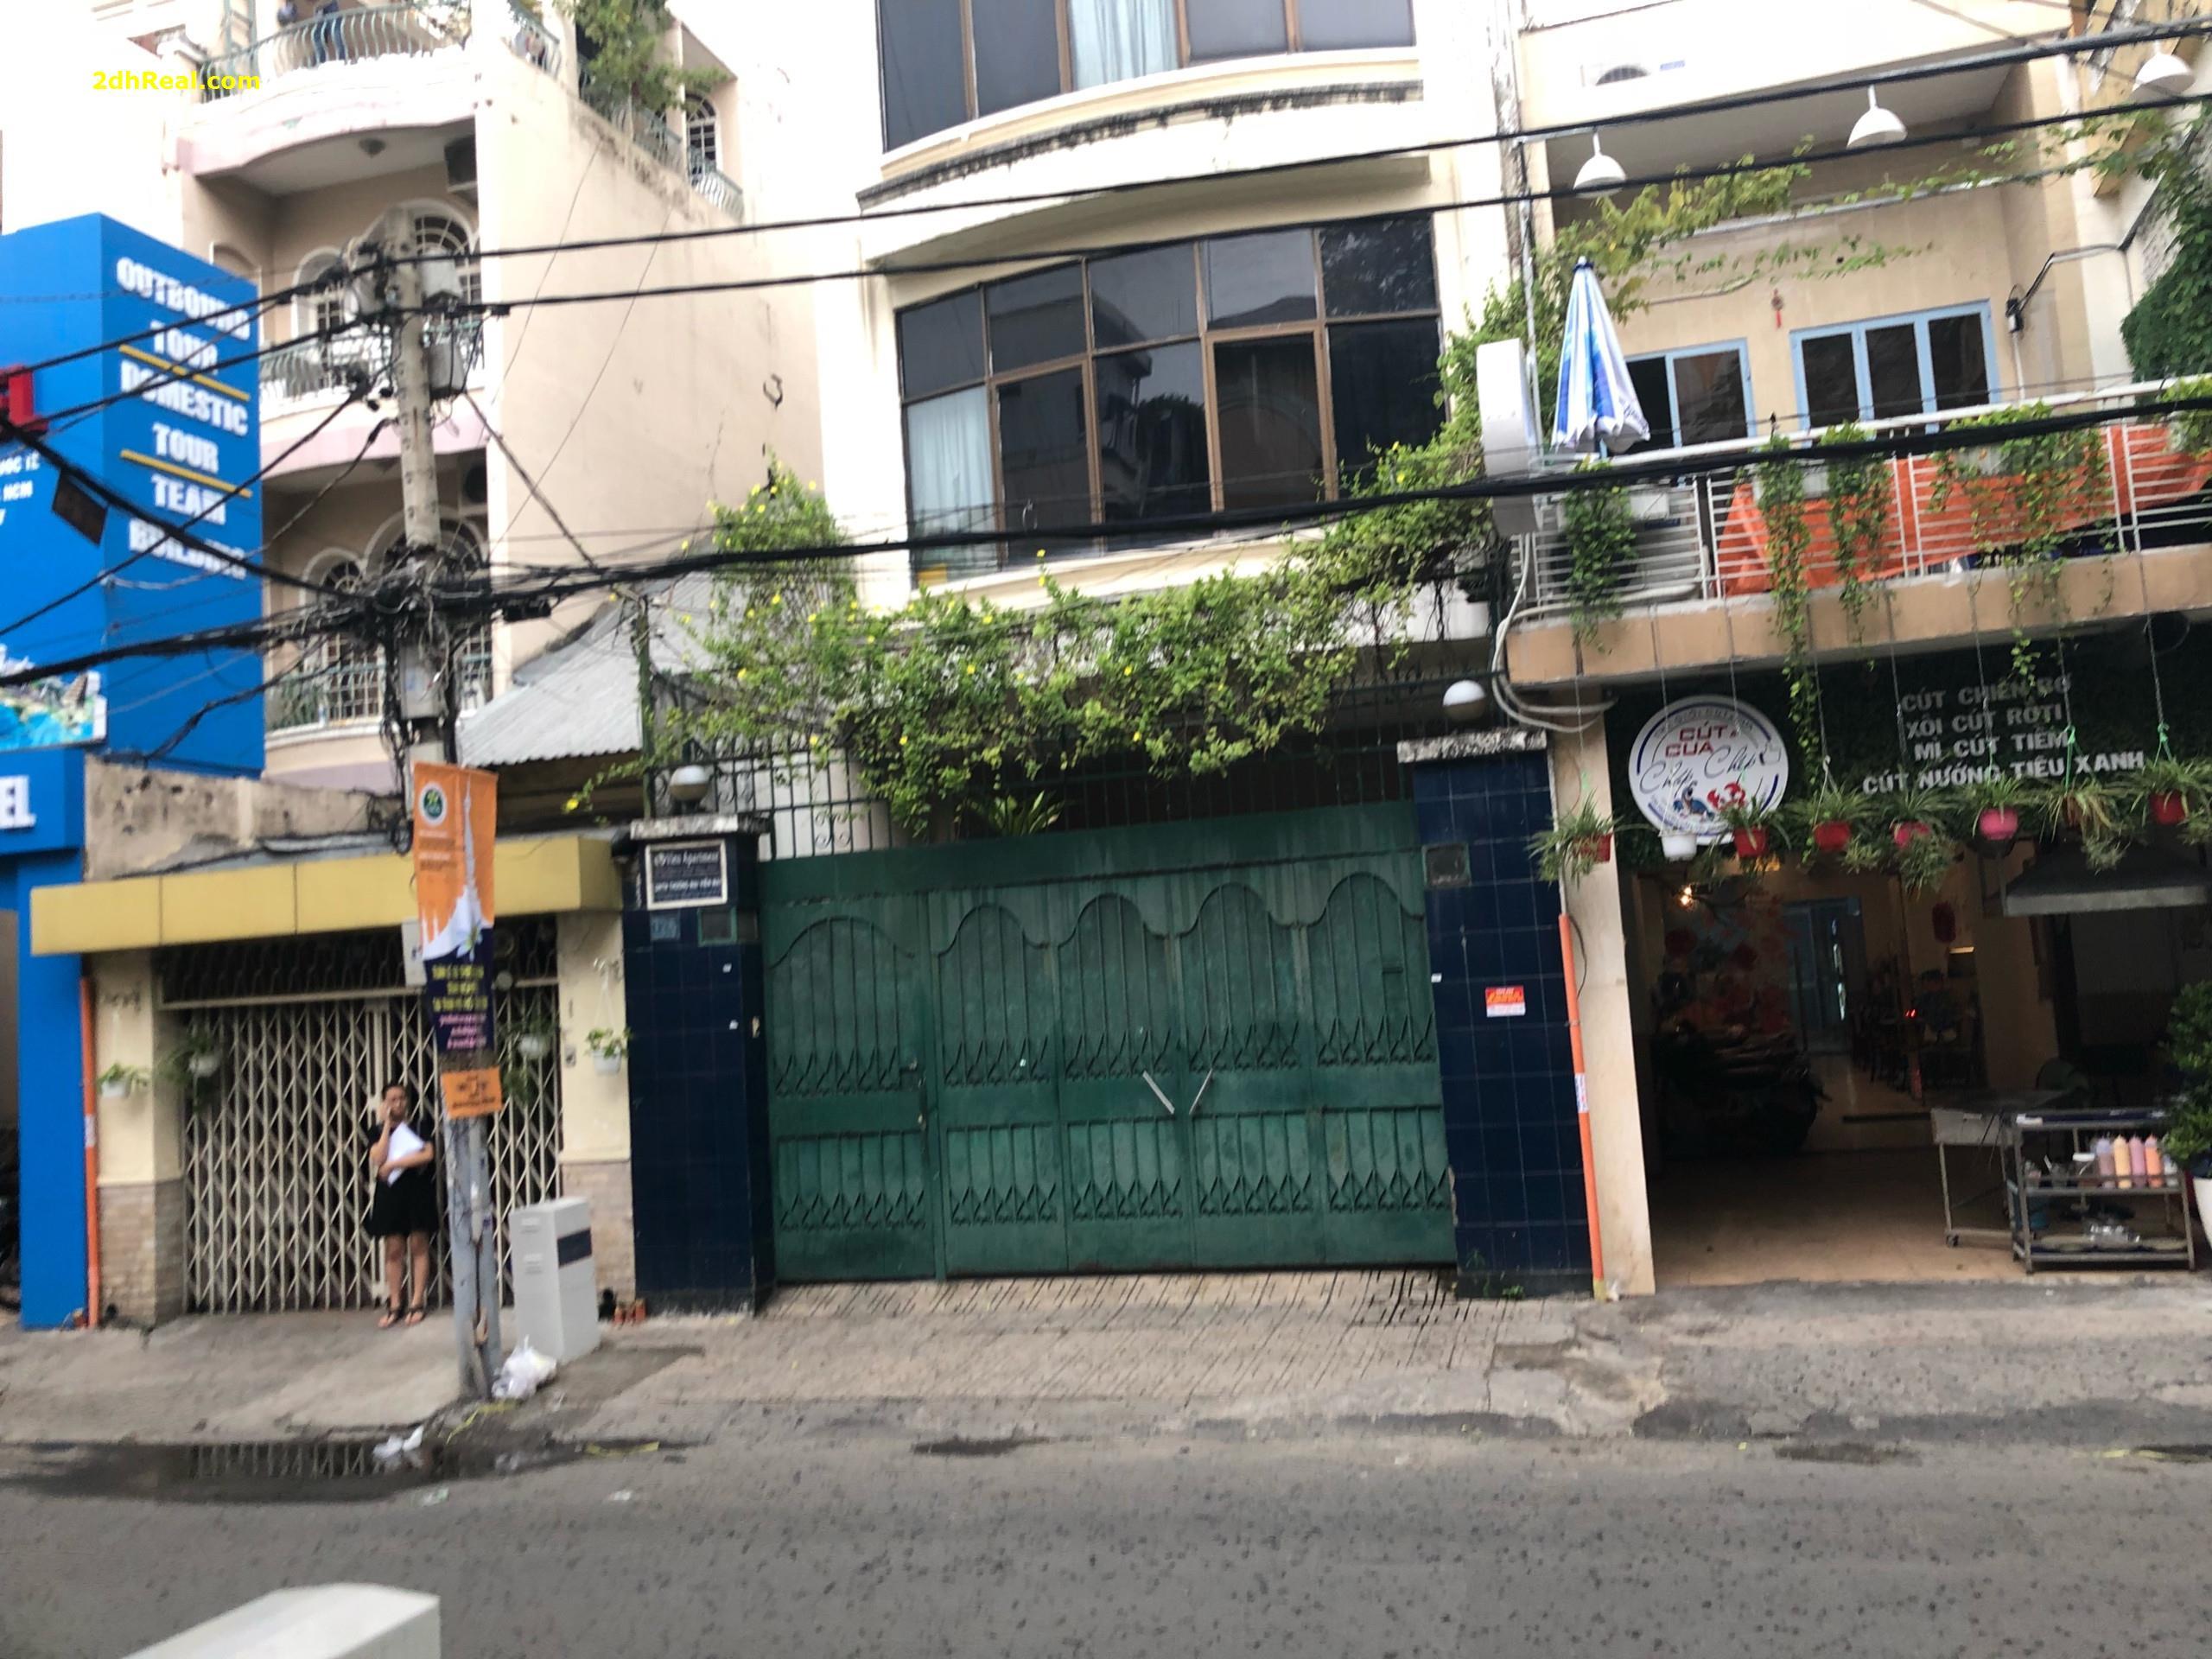 Cho thuê nhà đường Đồng Khởi quận 1 giá 25 nghìn đô